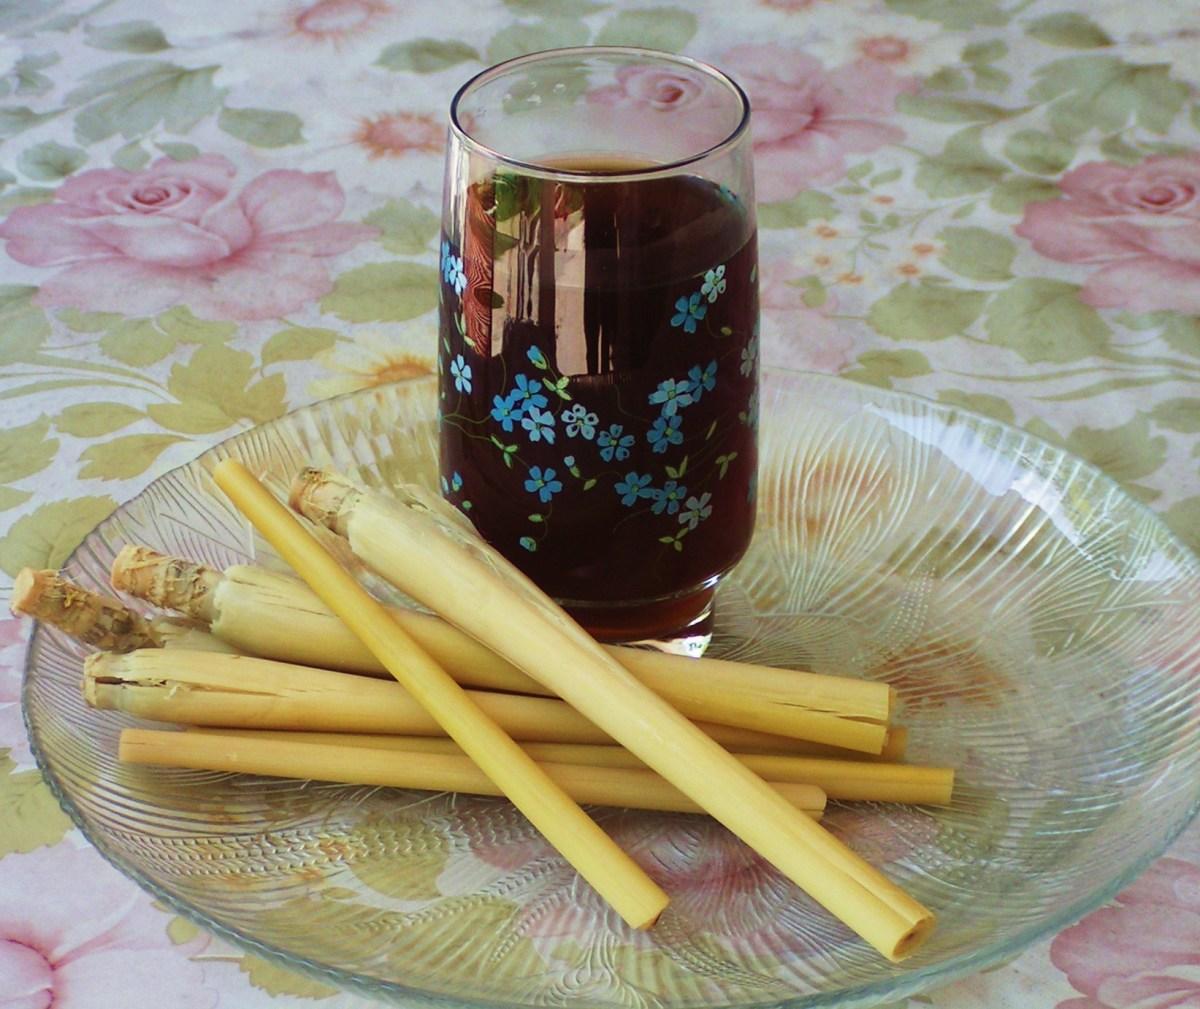 My Lemongrass Tea